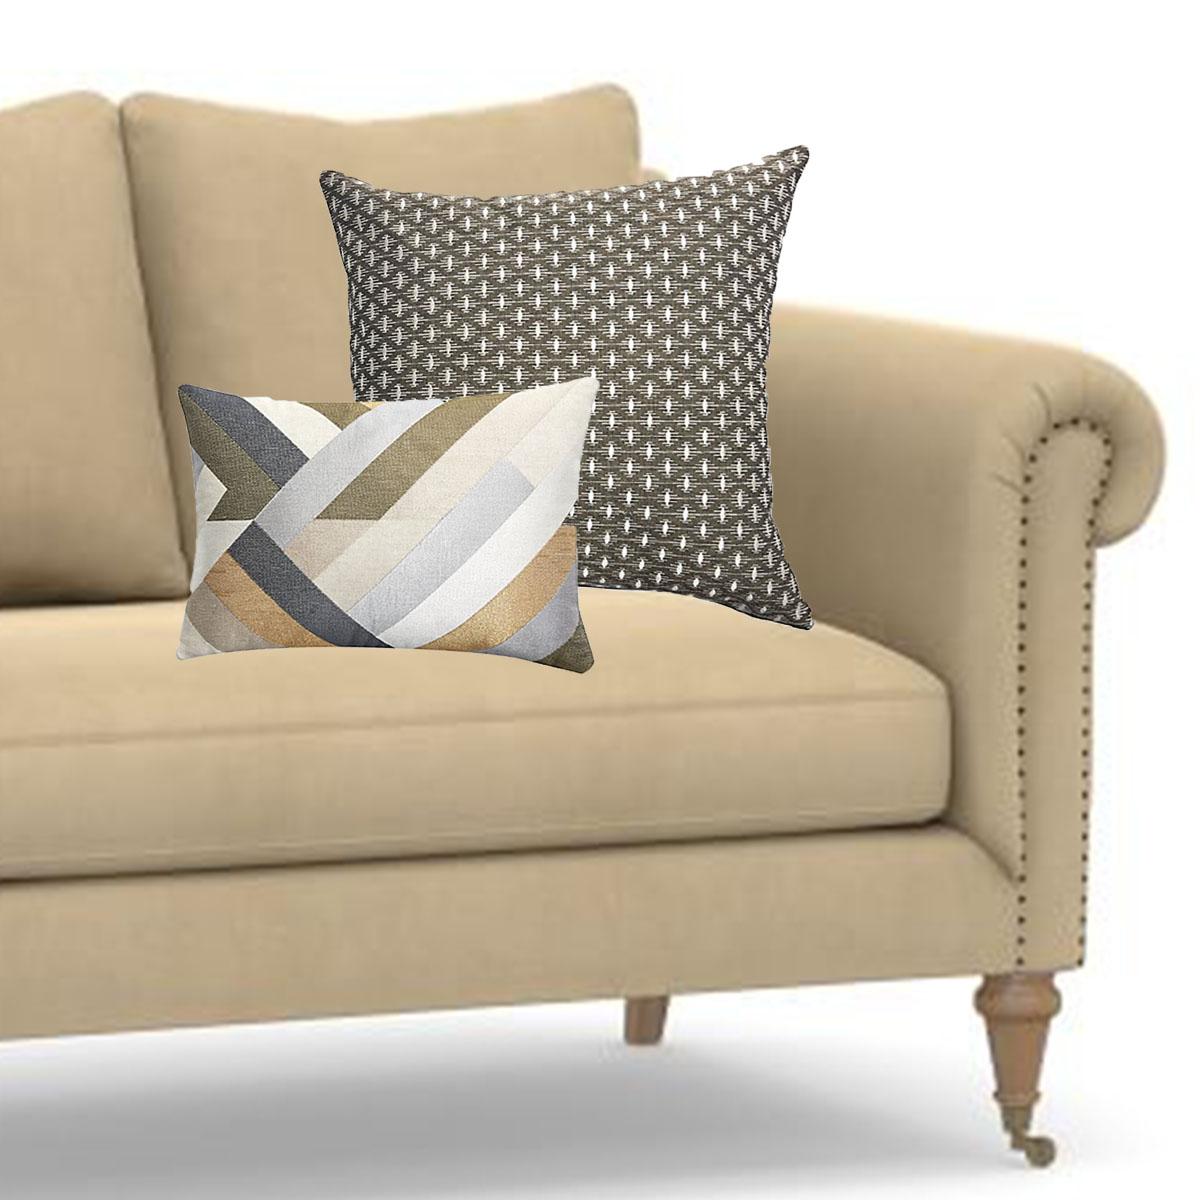 Coordinate Tan Sofa Pillows